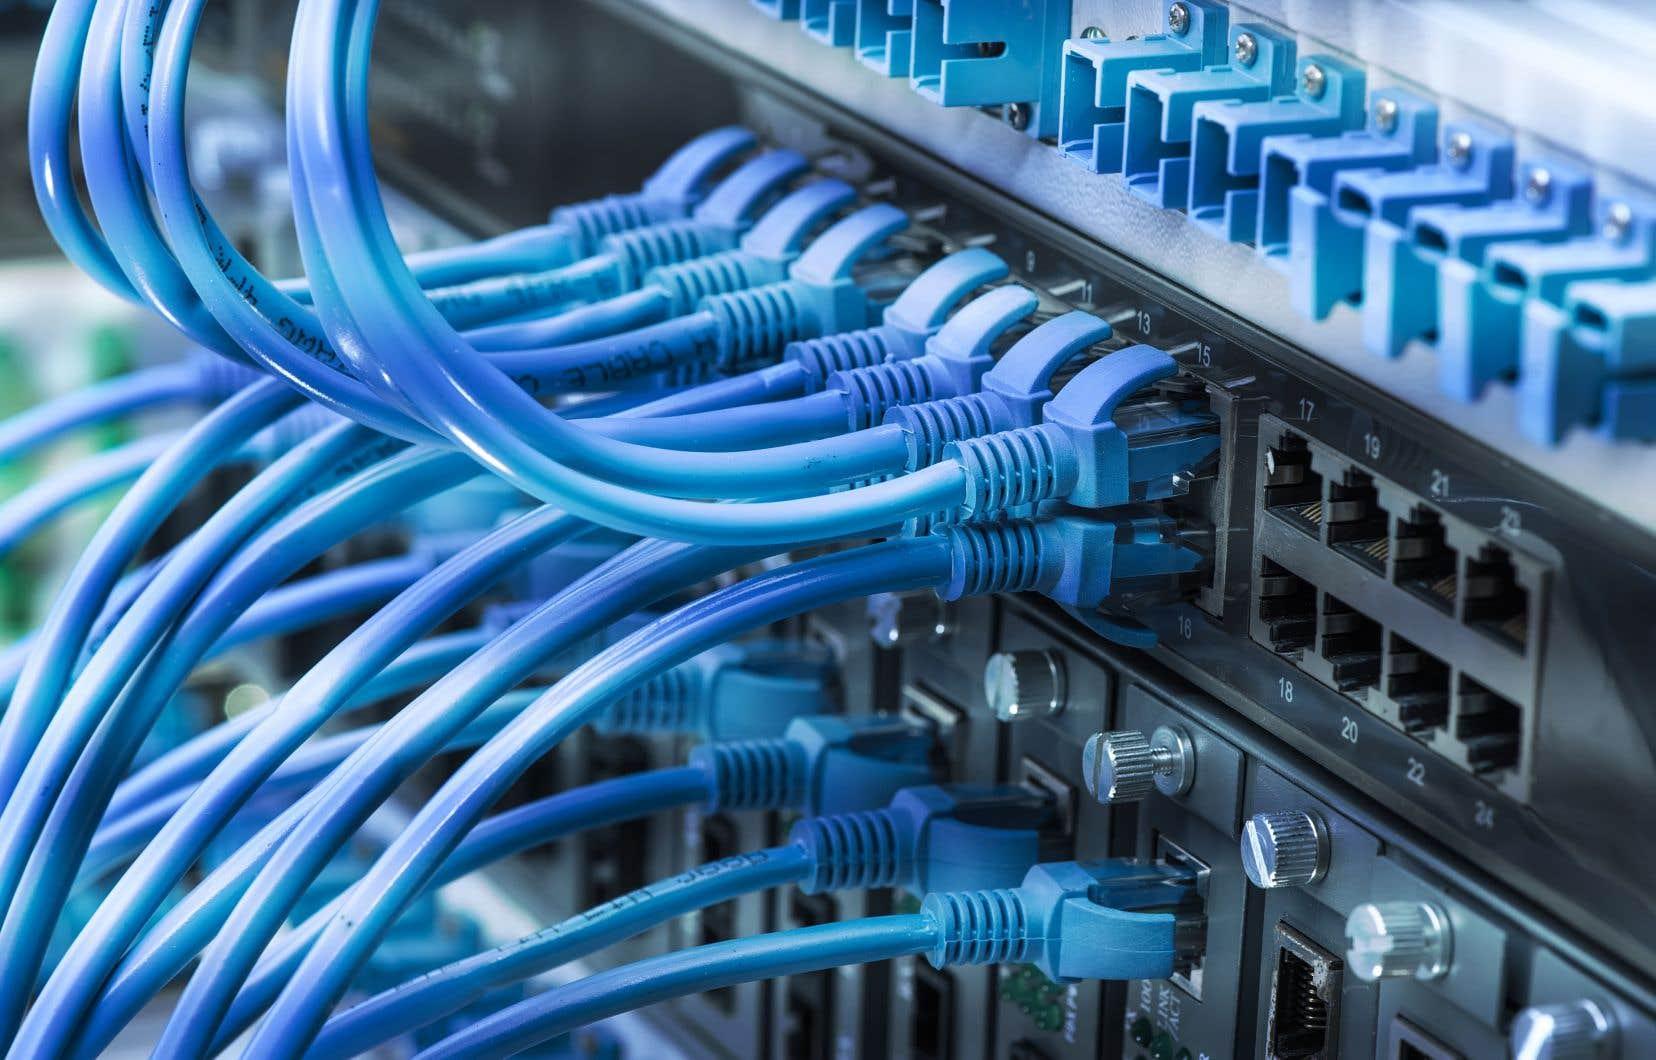 Pour des questions de sécurité, le réseau d'ordinateurs où Kn0x stocke les clés est composé de serveurs qui n'ont jamais été connectés à Internet ou à un quelconque réseau.